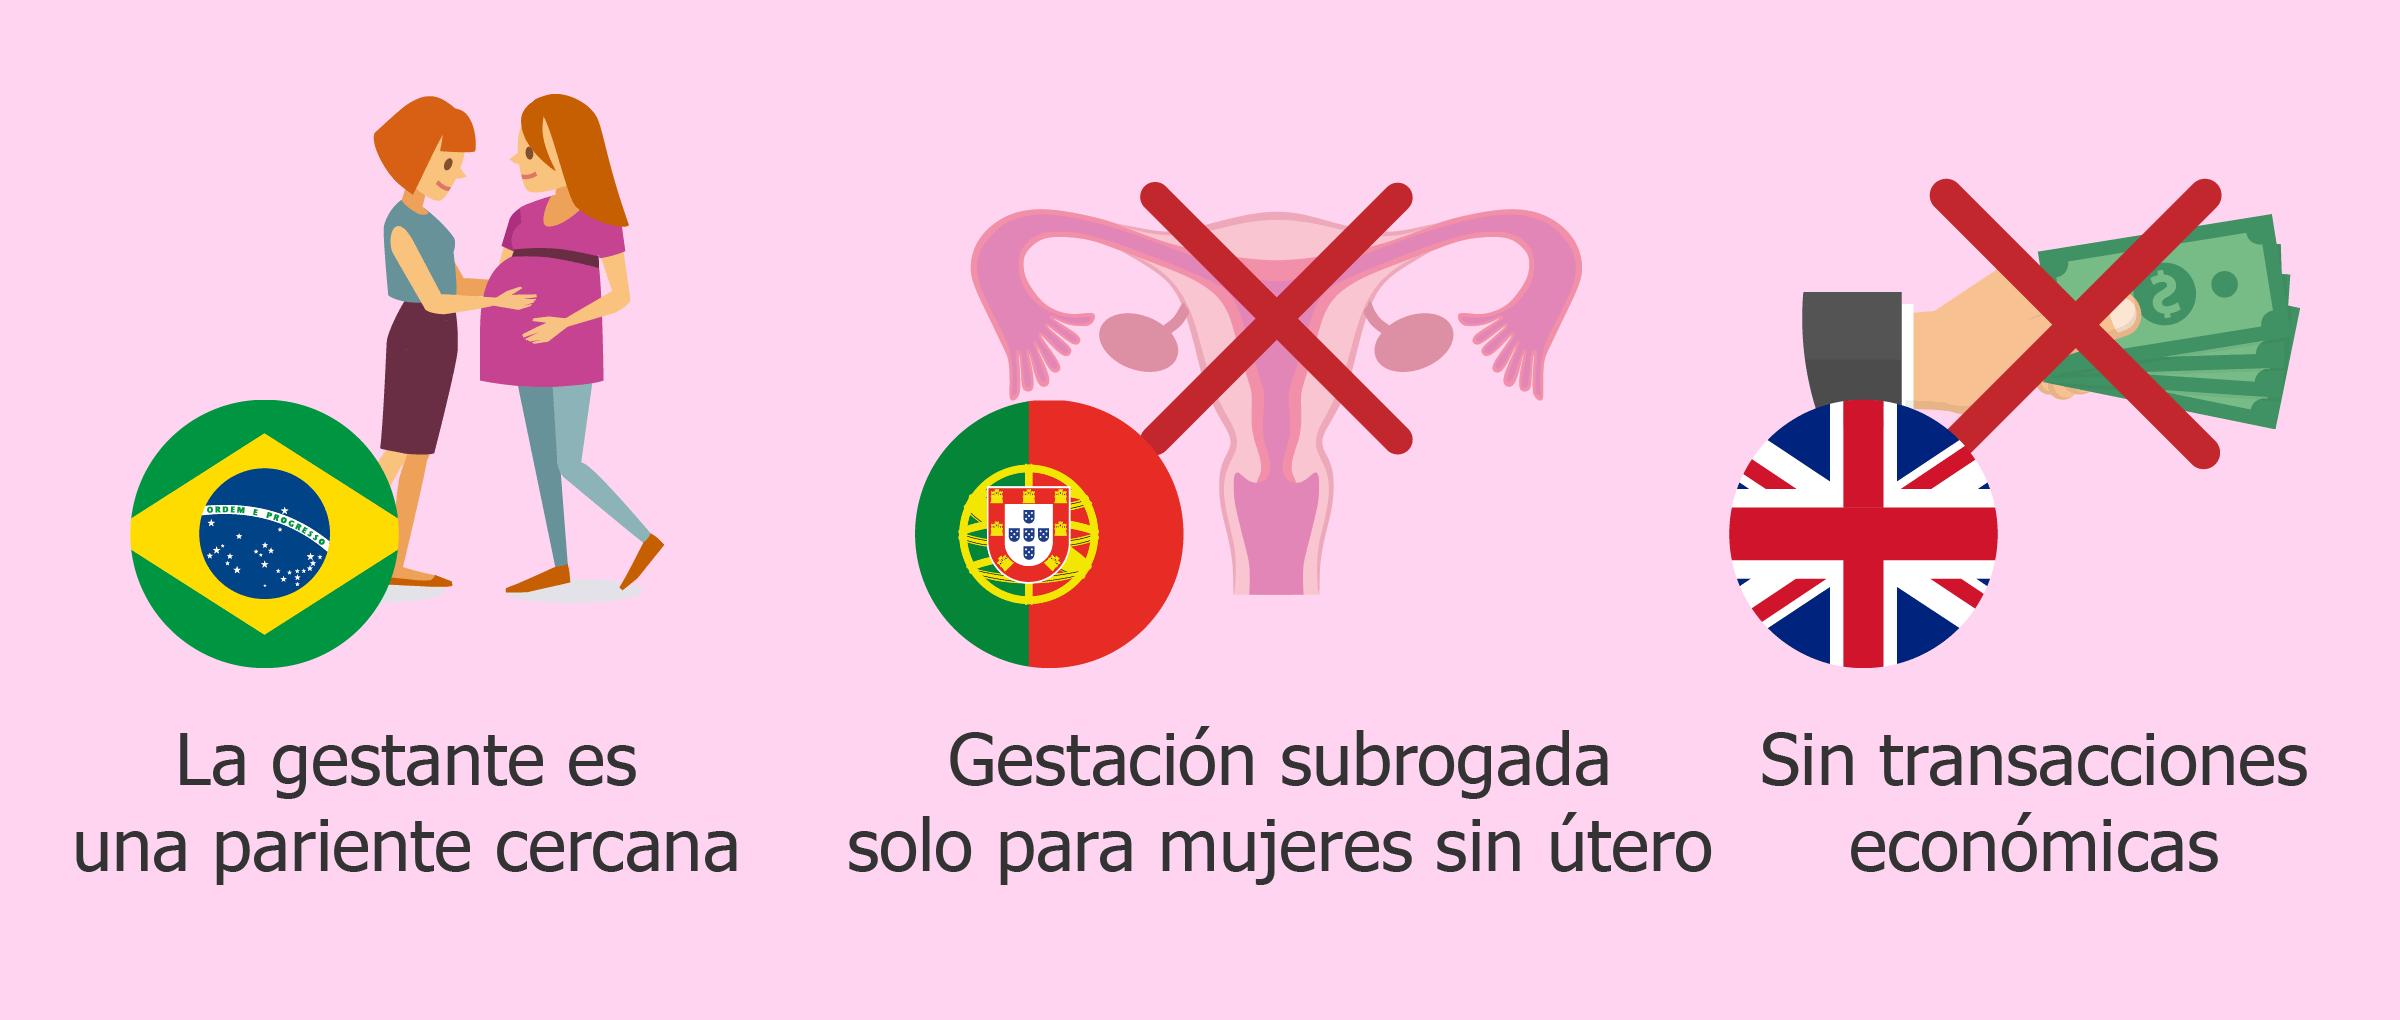 Los modelos de gestación subrogada de Brasil, Portugal y UK